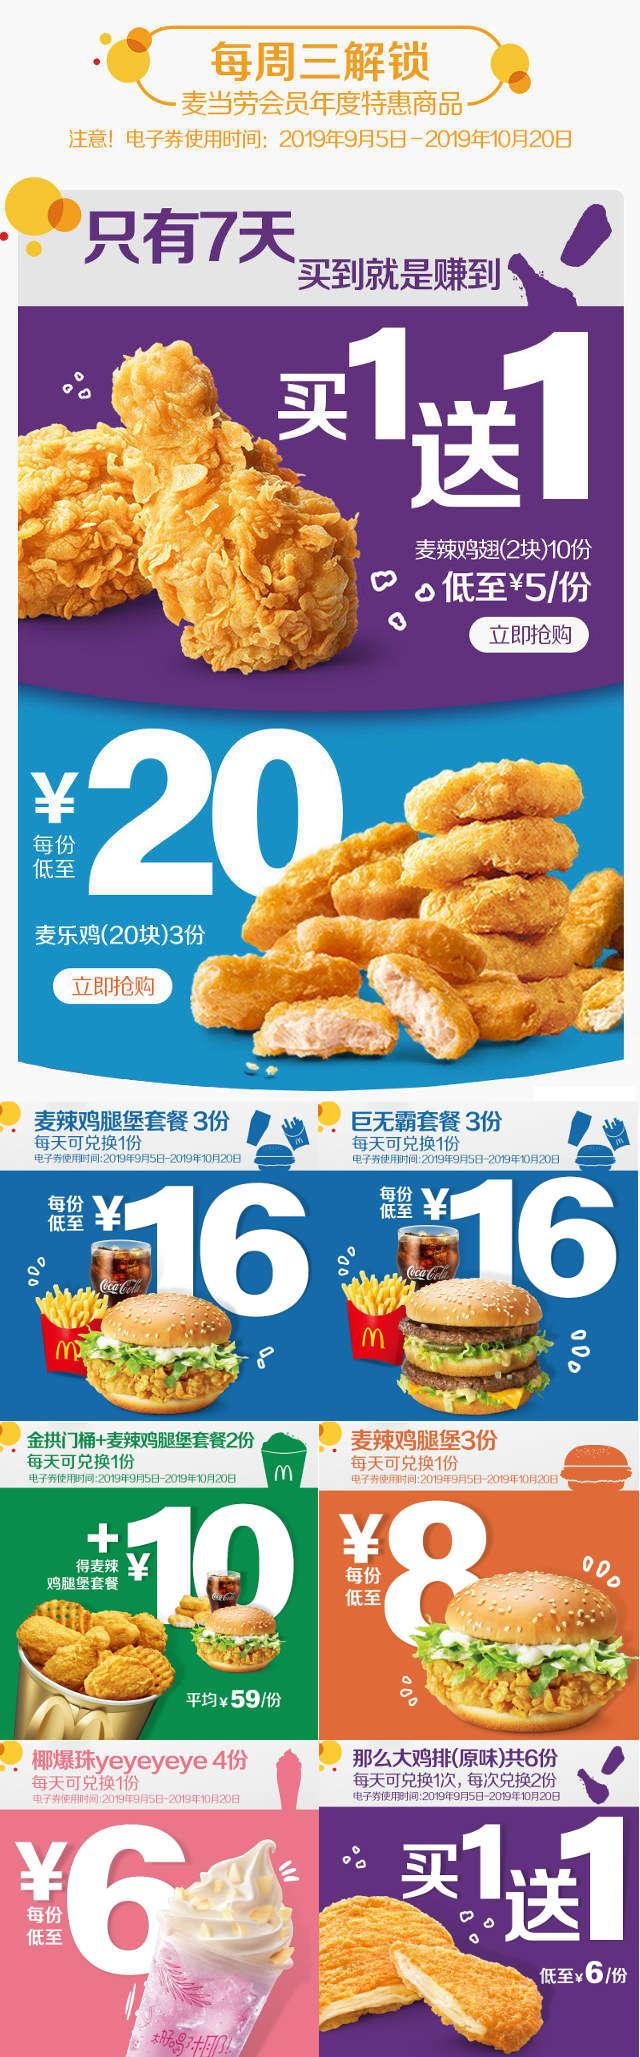 优惠券图片:麦当劳天猫旗舰店会员年度特惠,半价迷彩桶、买1送1那么大鸡排 有效期2019年09月5日-2019年09月10日